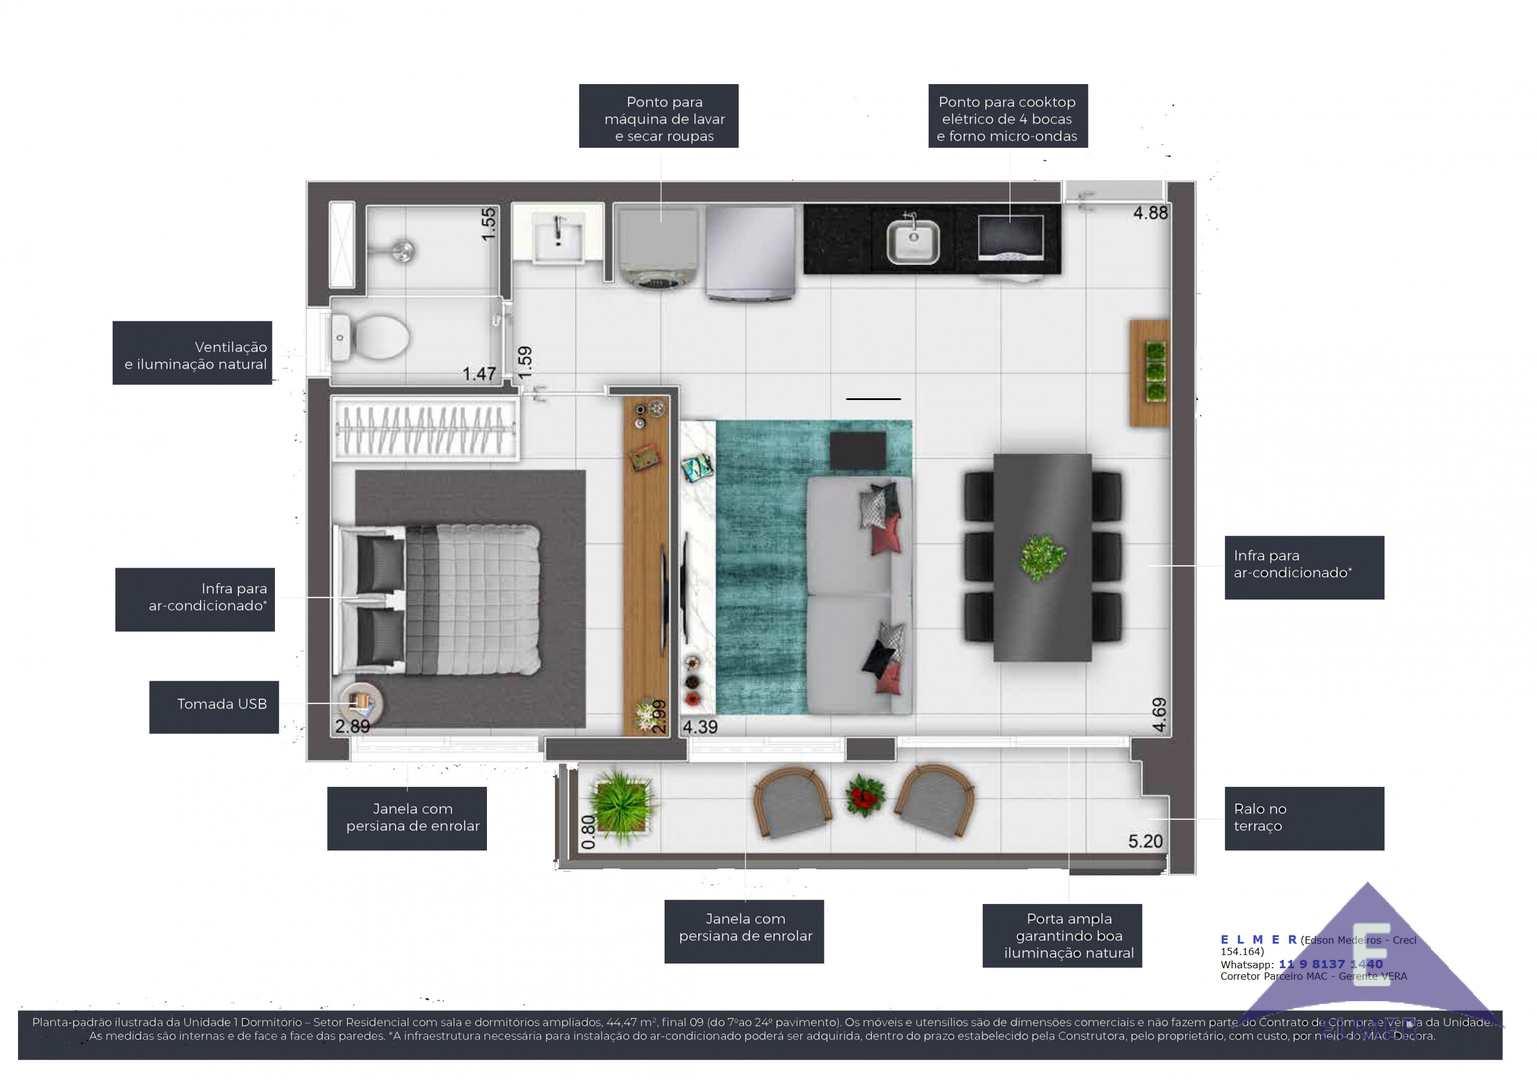 Planta 44 m² - IS CONSOLAÇÃO - ELMER